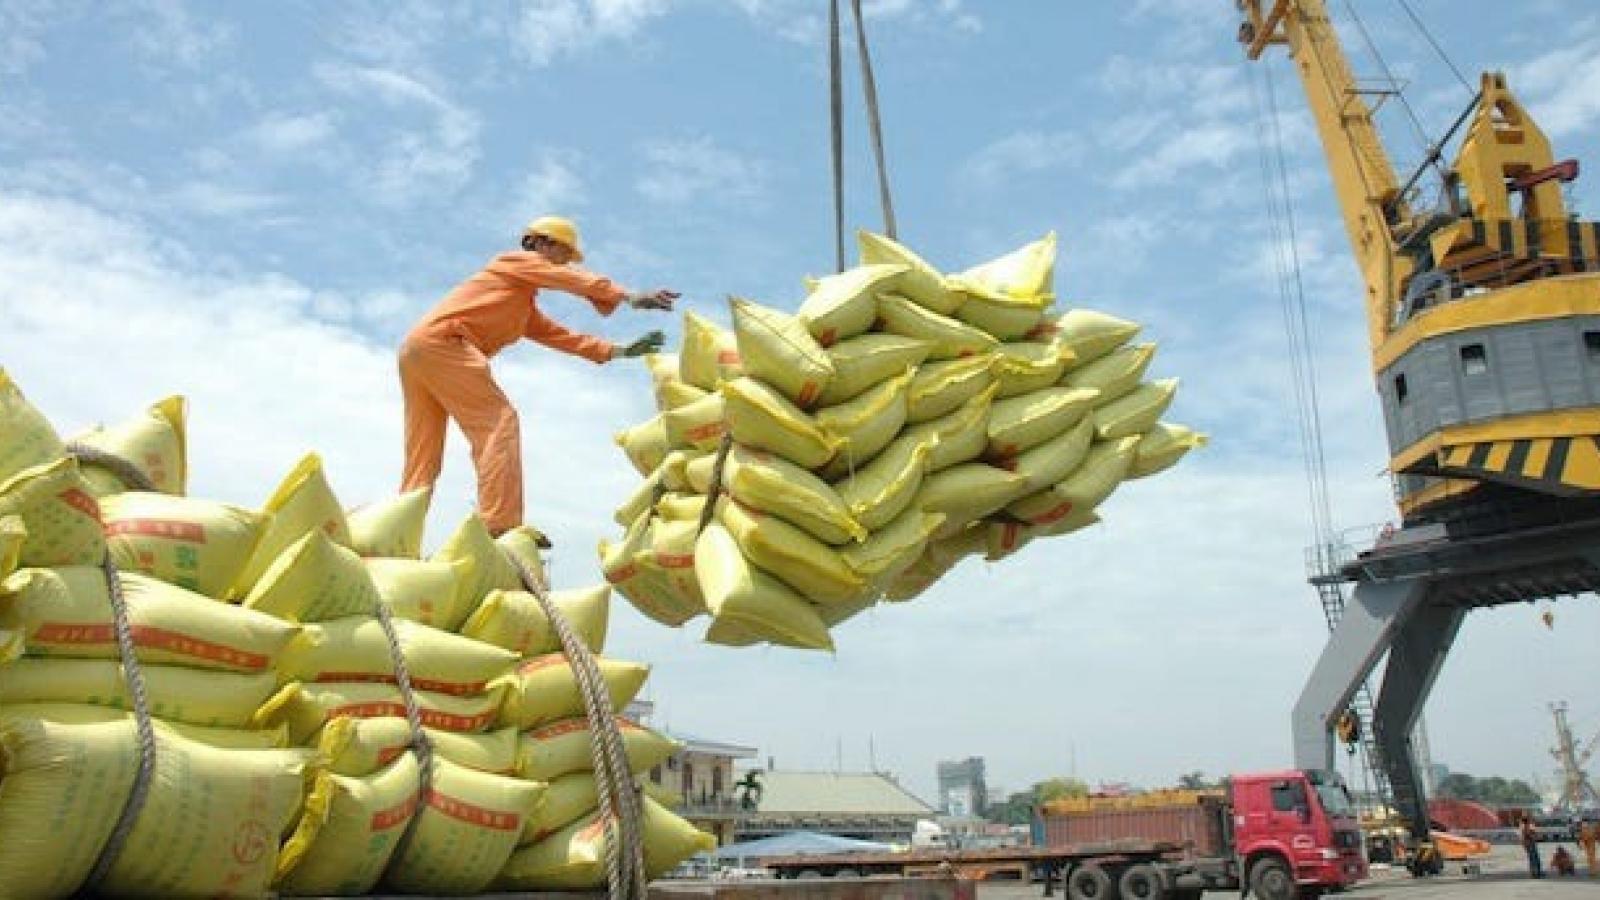 Trung Quốc nhập khẩu gạo Việt tăng gấp 4 lần so với cùng kỳ năm trước